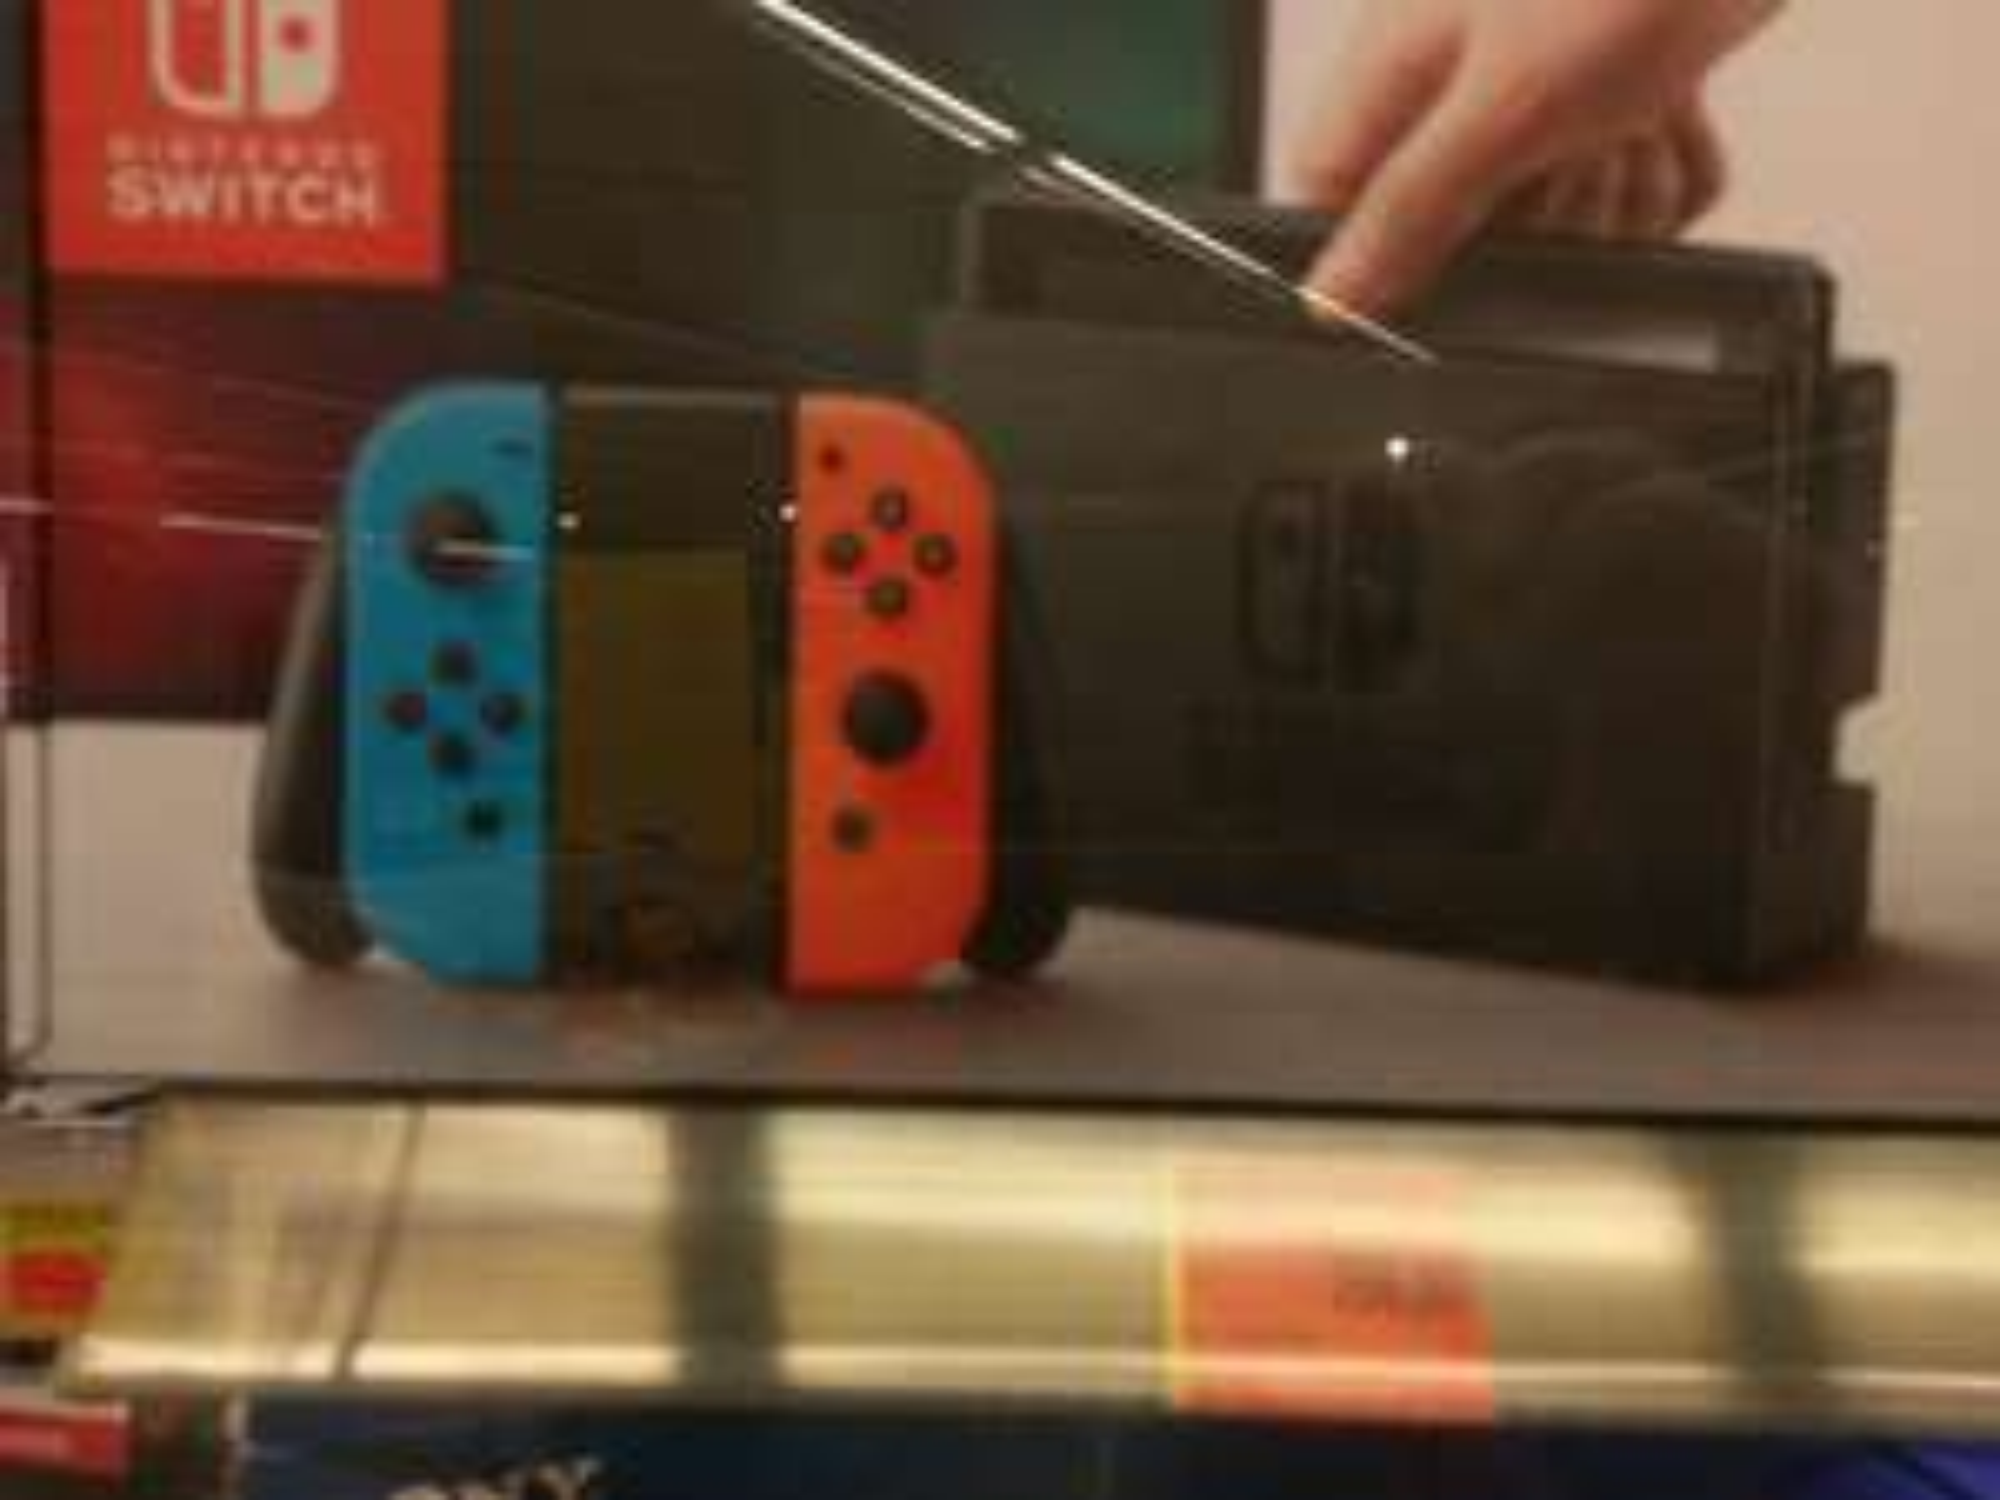 Nintendo Switch Marktkauf HH-Harburg (Lokal)